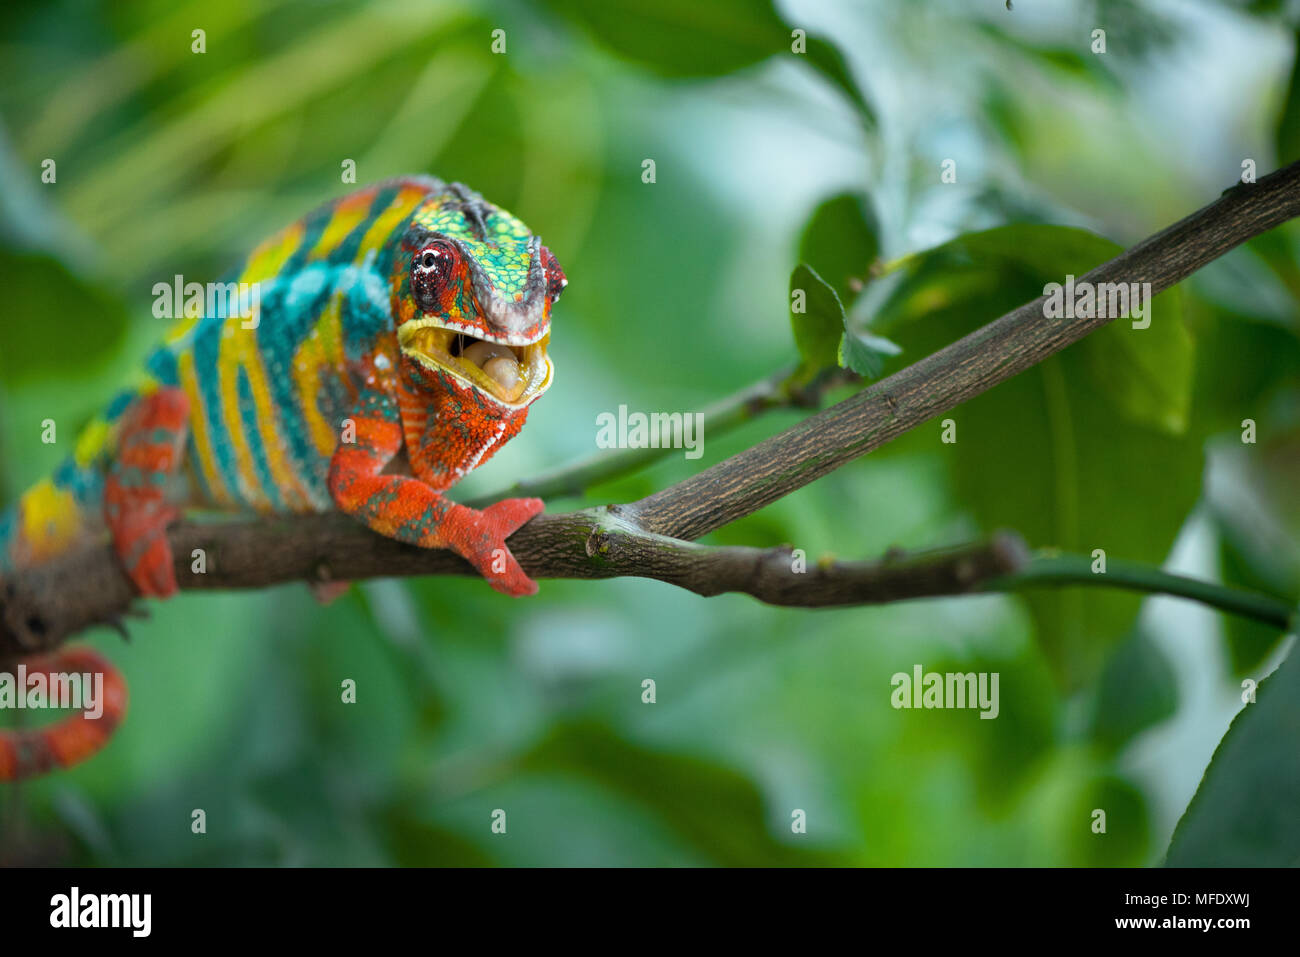 Camaleón pantera con colores brillantes en una rama / colores / camaleón Furcifer pardalis / Chameleon embocadura abierta / Vida silvestre de Madagascar Imagen De Stock